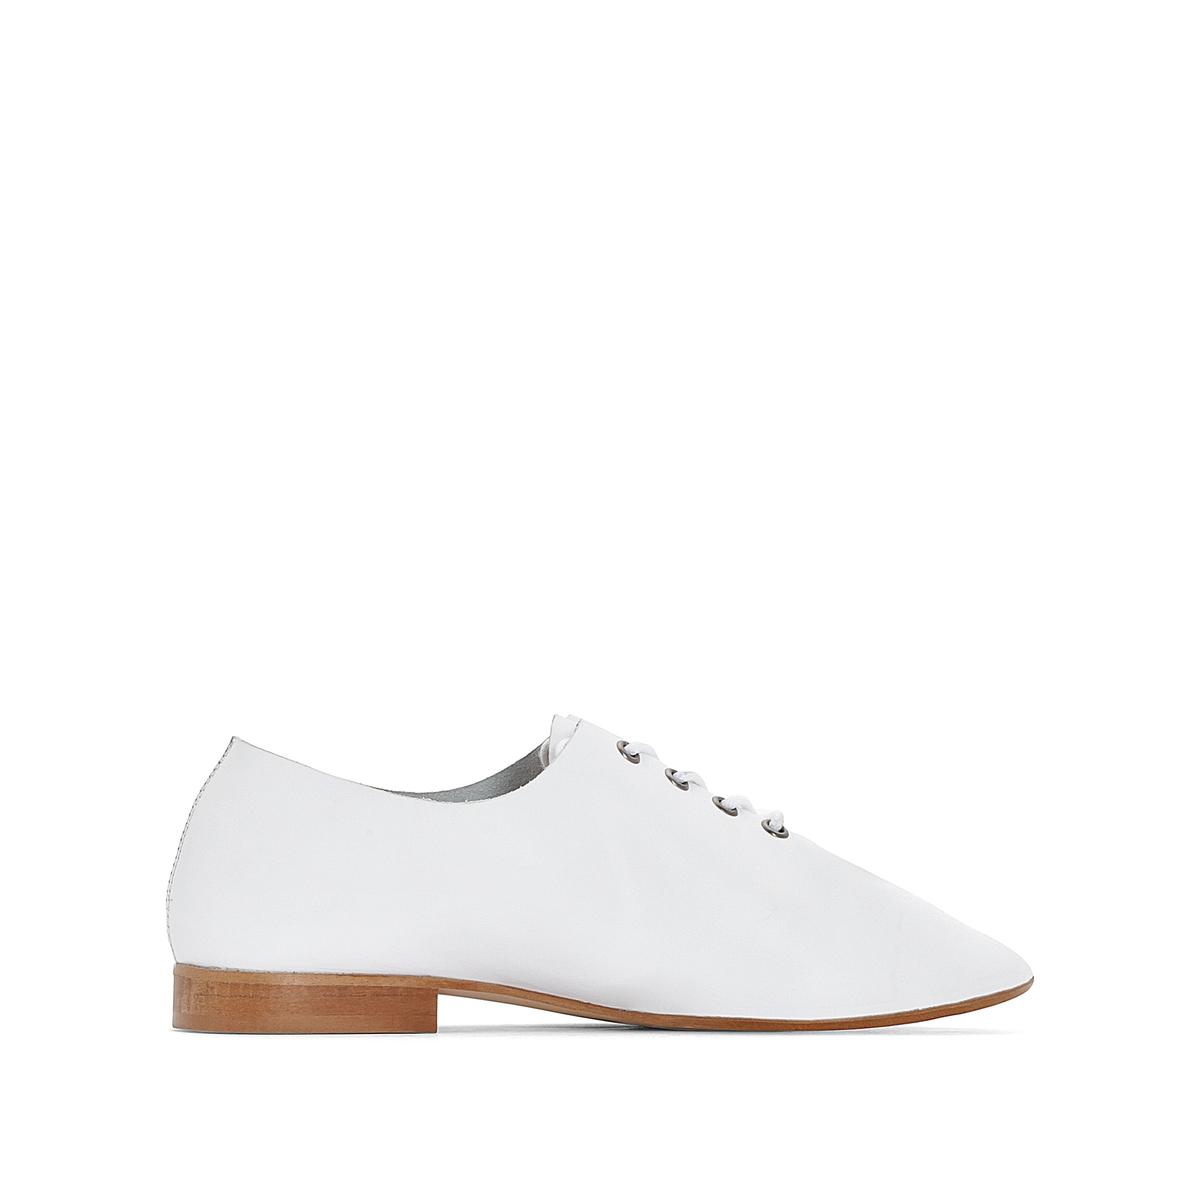 Ботинки-дерби кожаные белые ботинки дерби под кожу питона